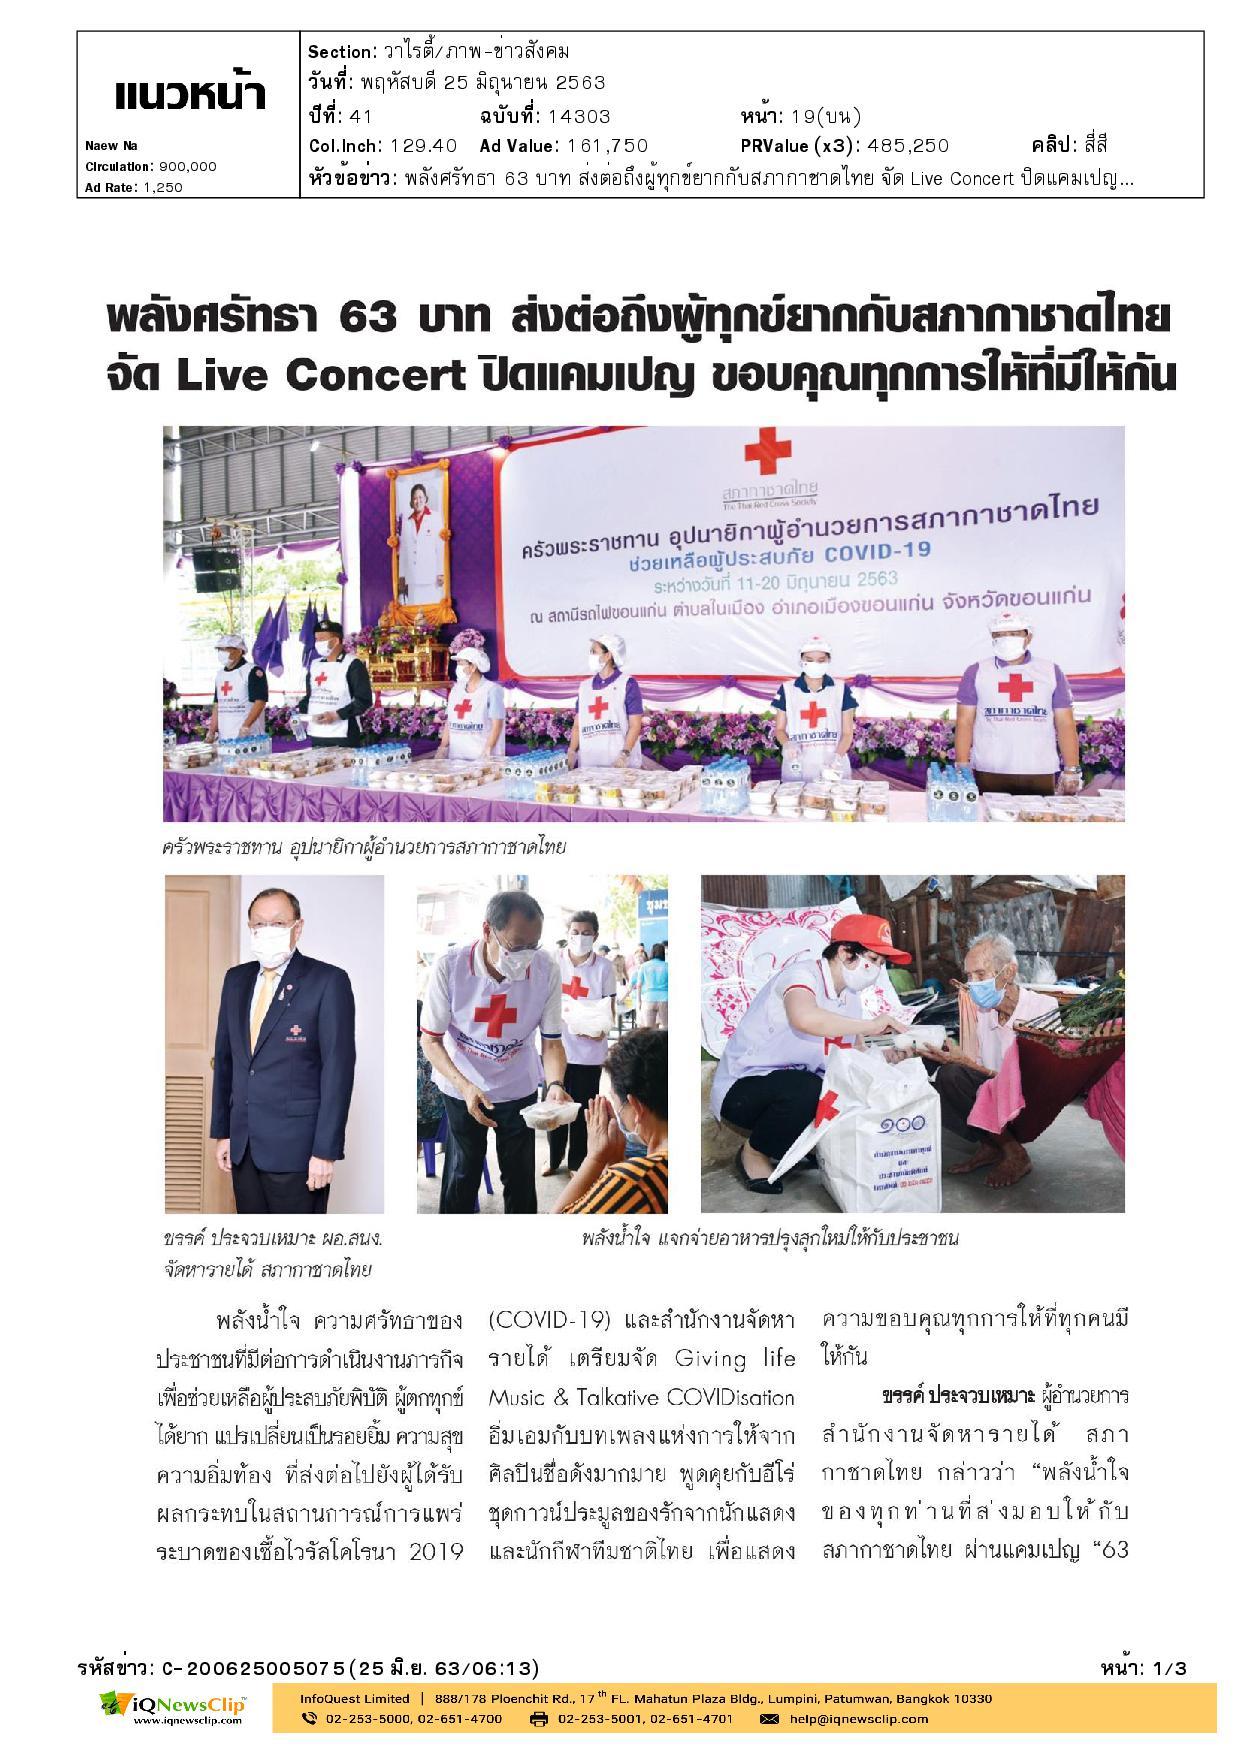 พลังศรัทธา 63 บาท ส่งต่อถึงผู้ทุกข์ยากกับสภากาชาดไทย